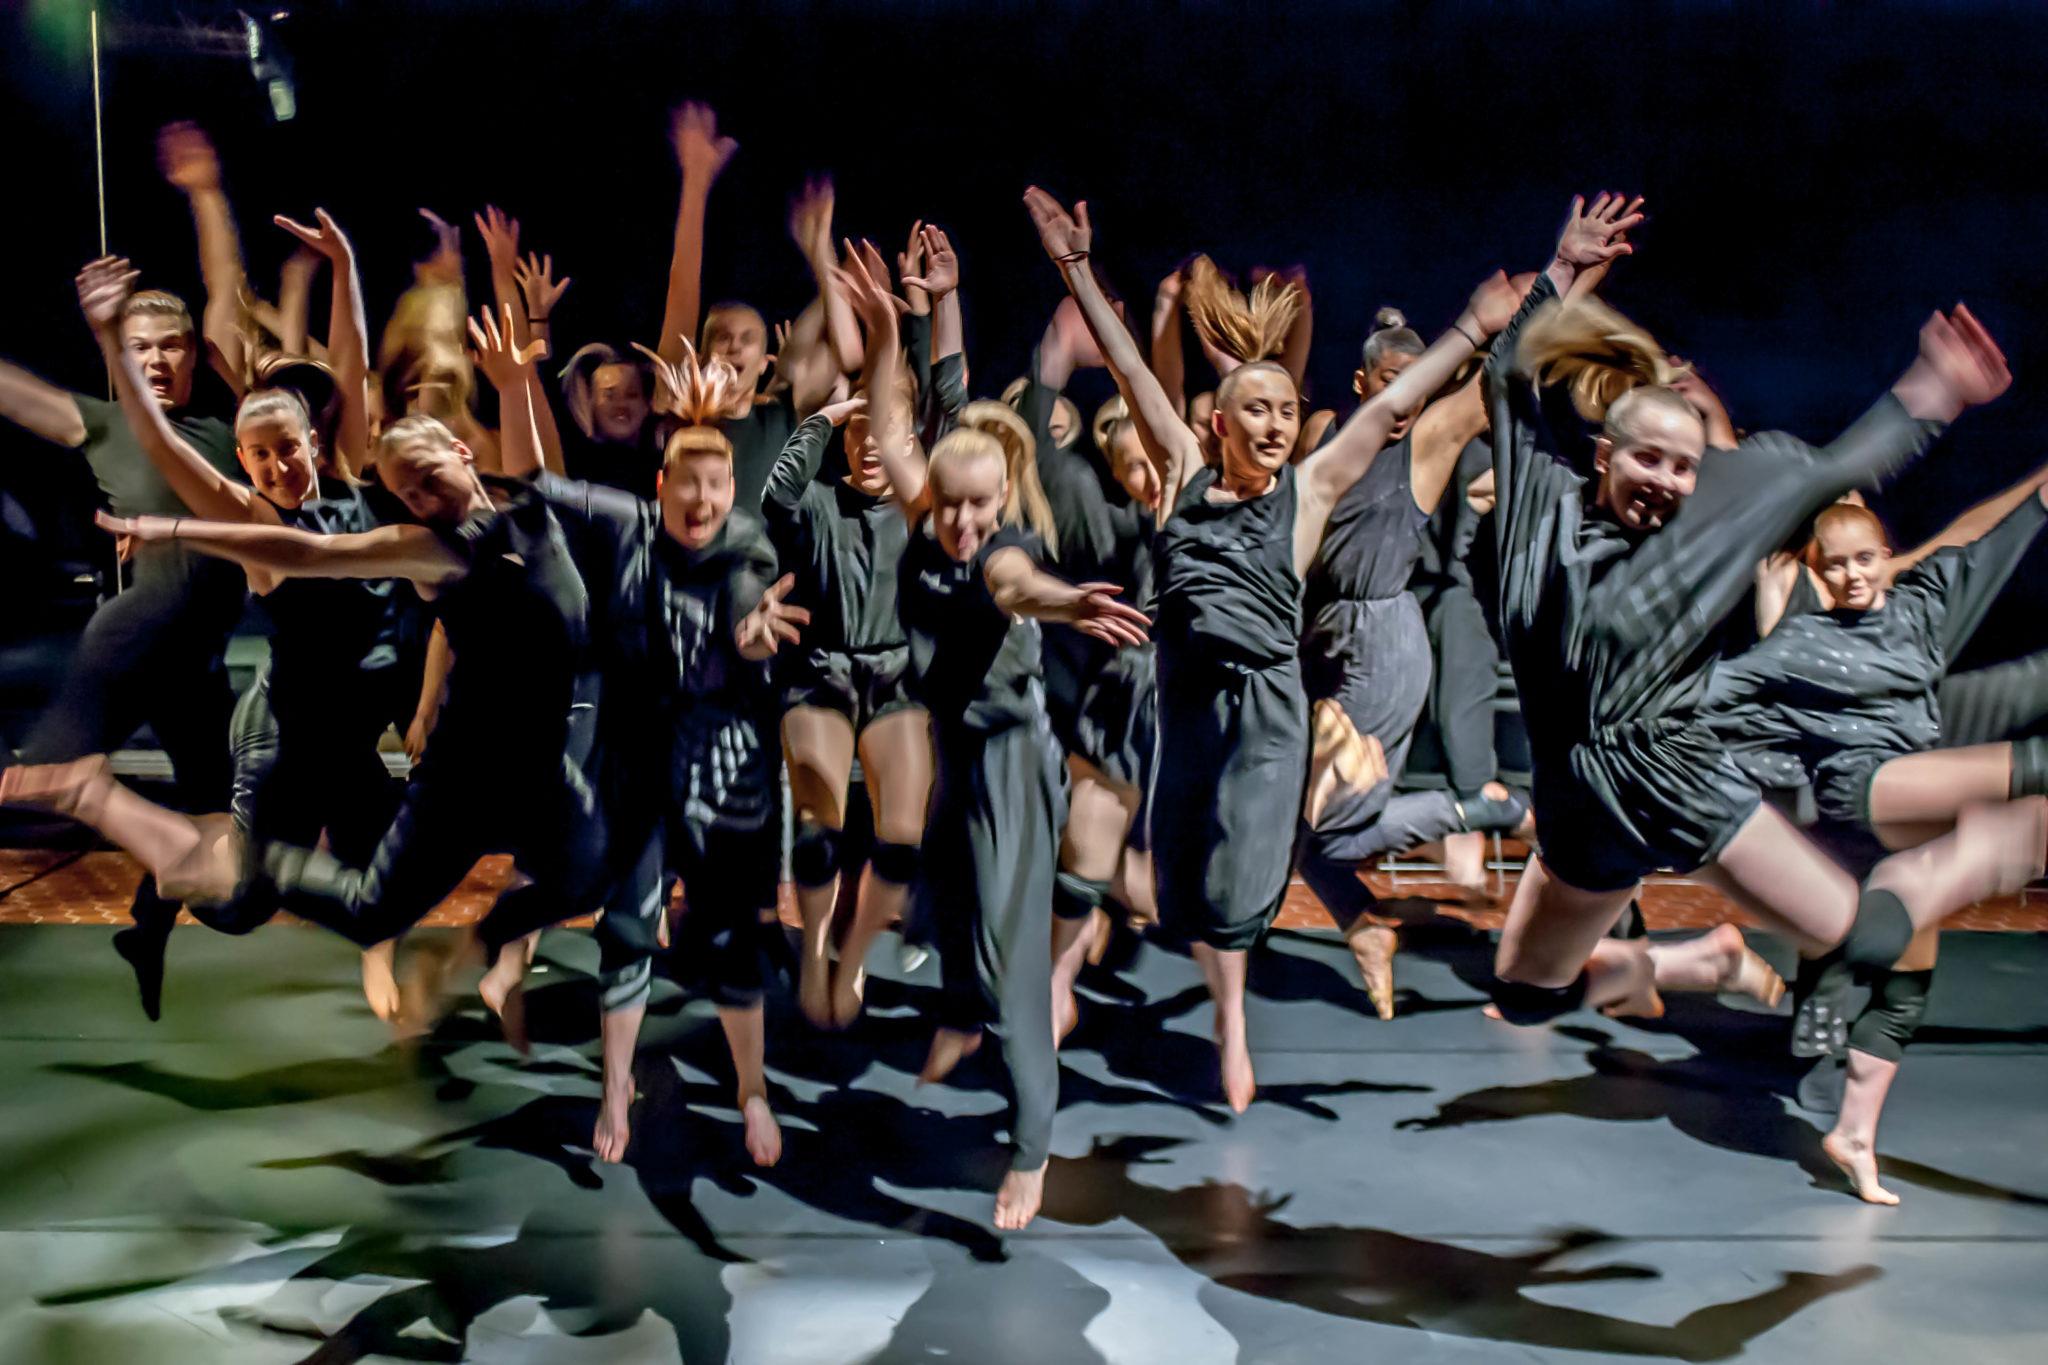 Danseuddannelsen 2013 -2014